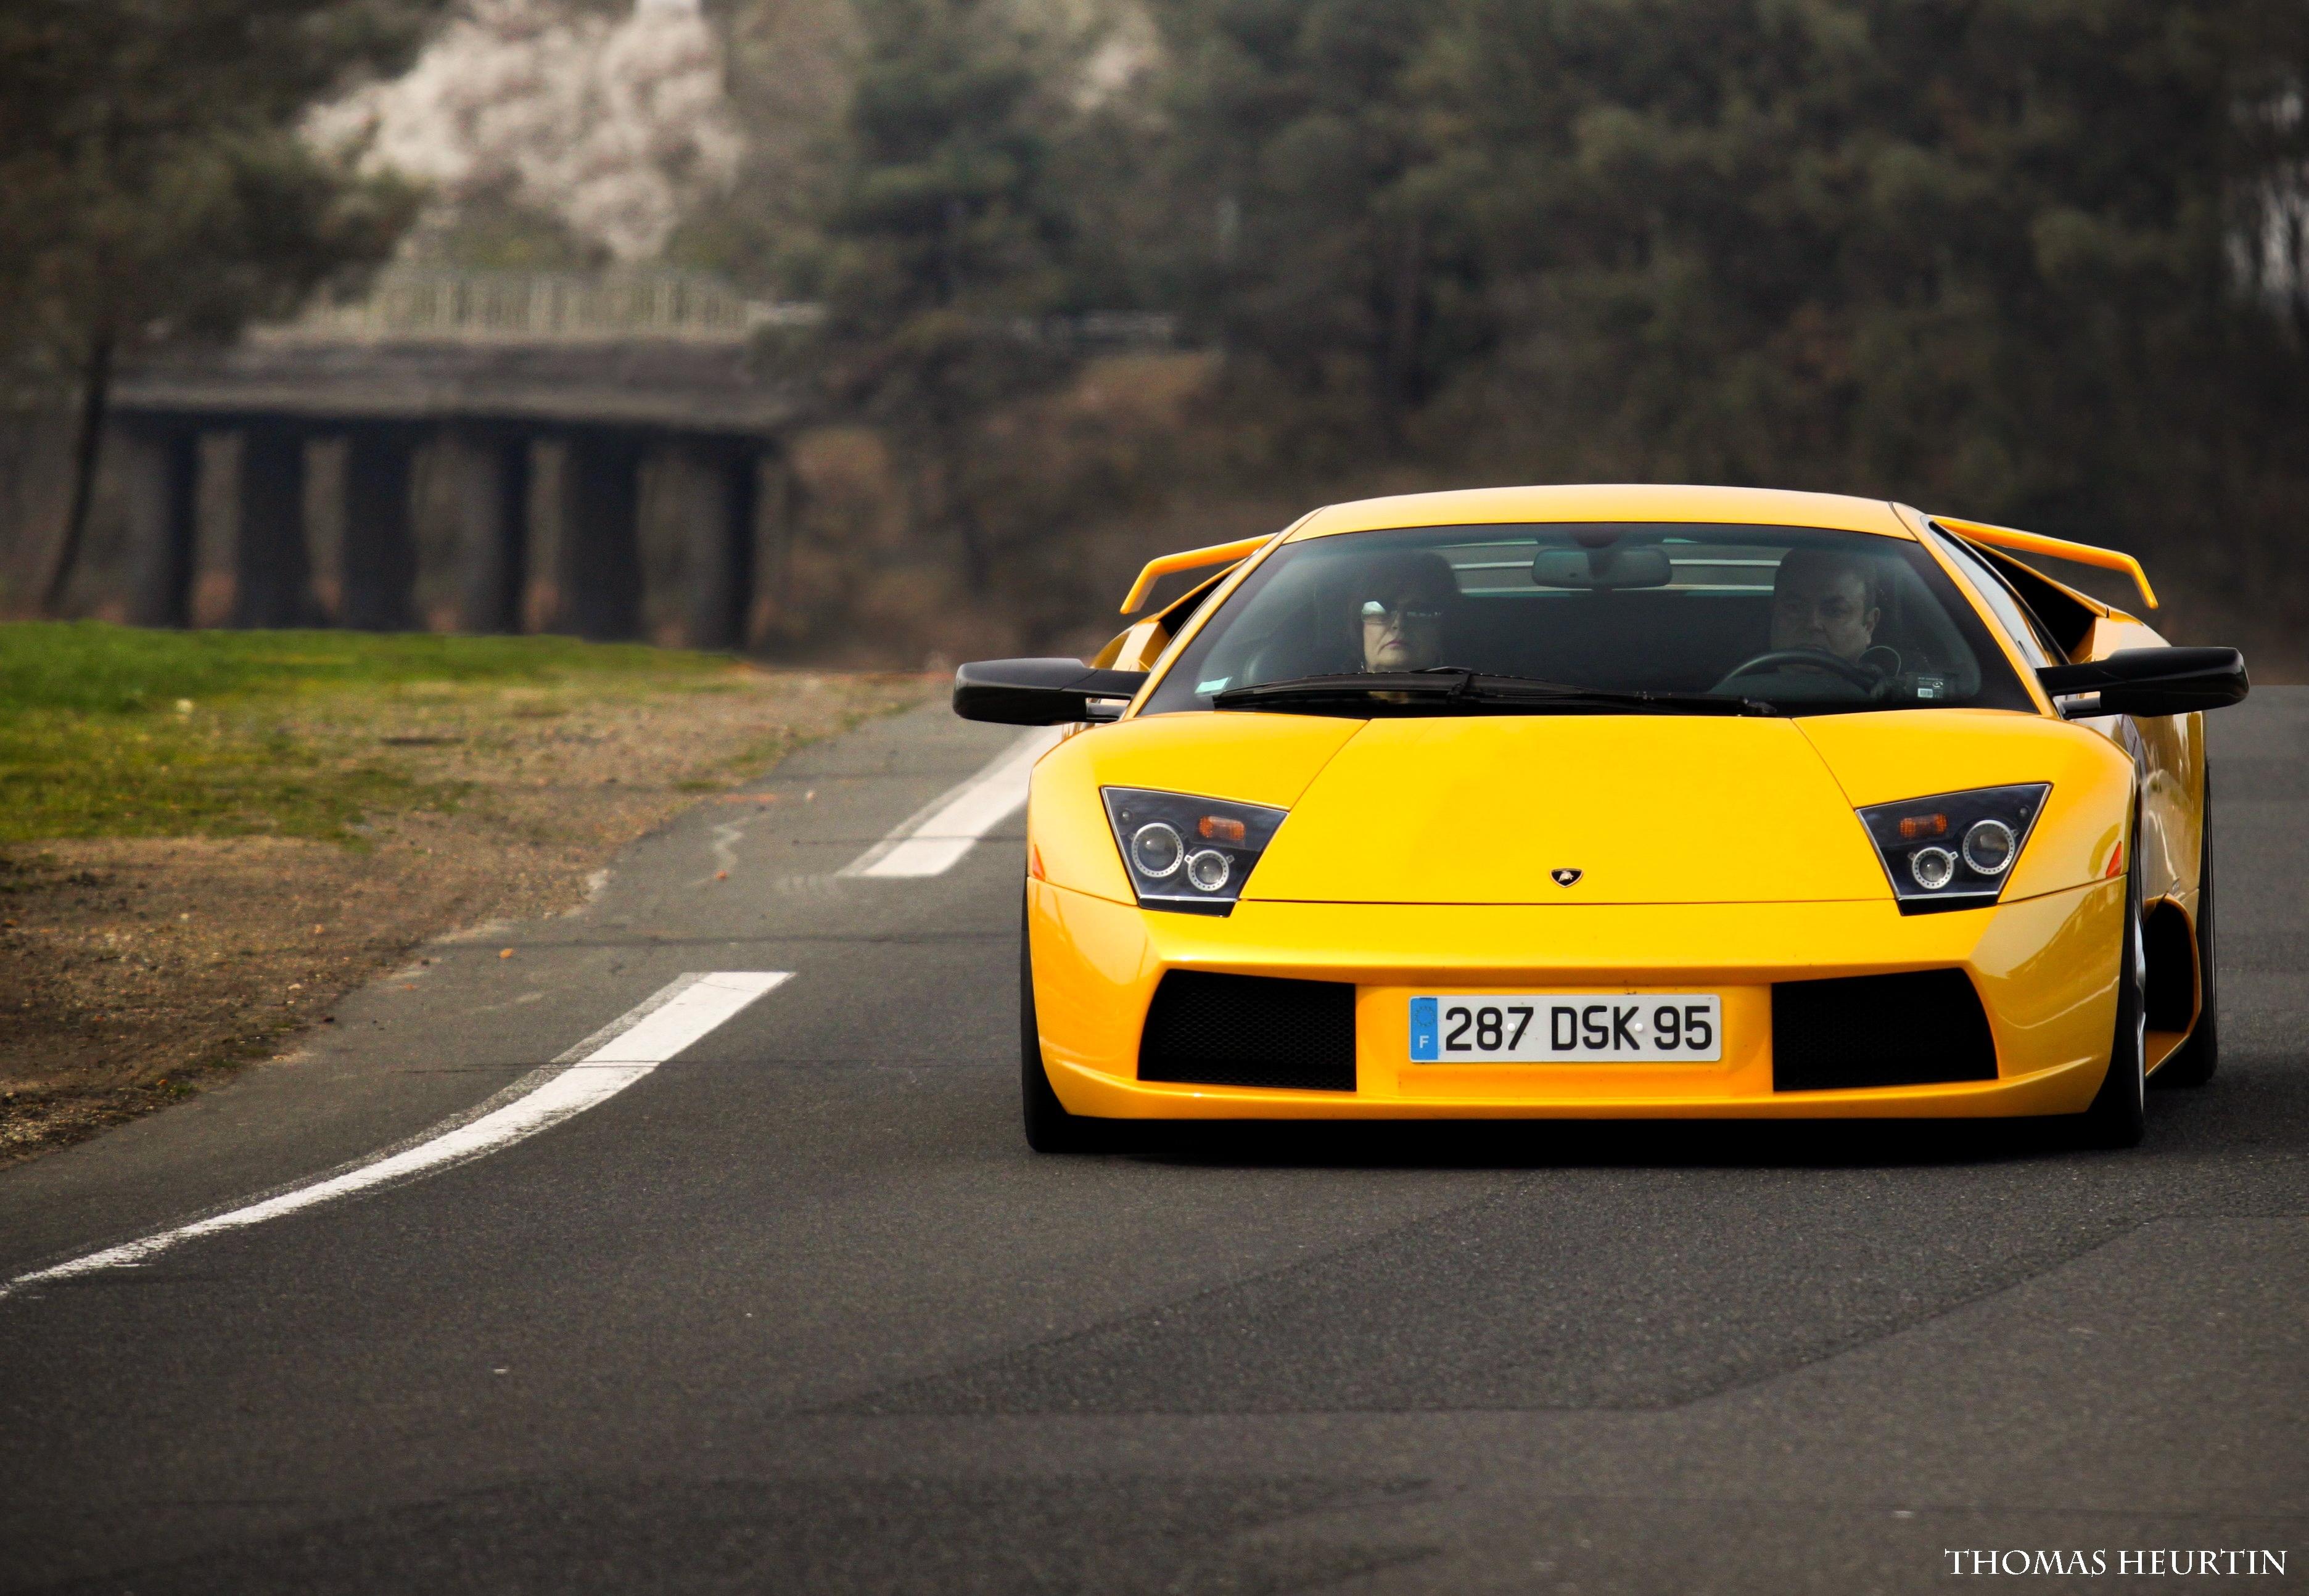 hintergrundbilder : auto, fahrzeug, straße, gelb, kanon, paris